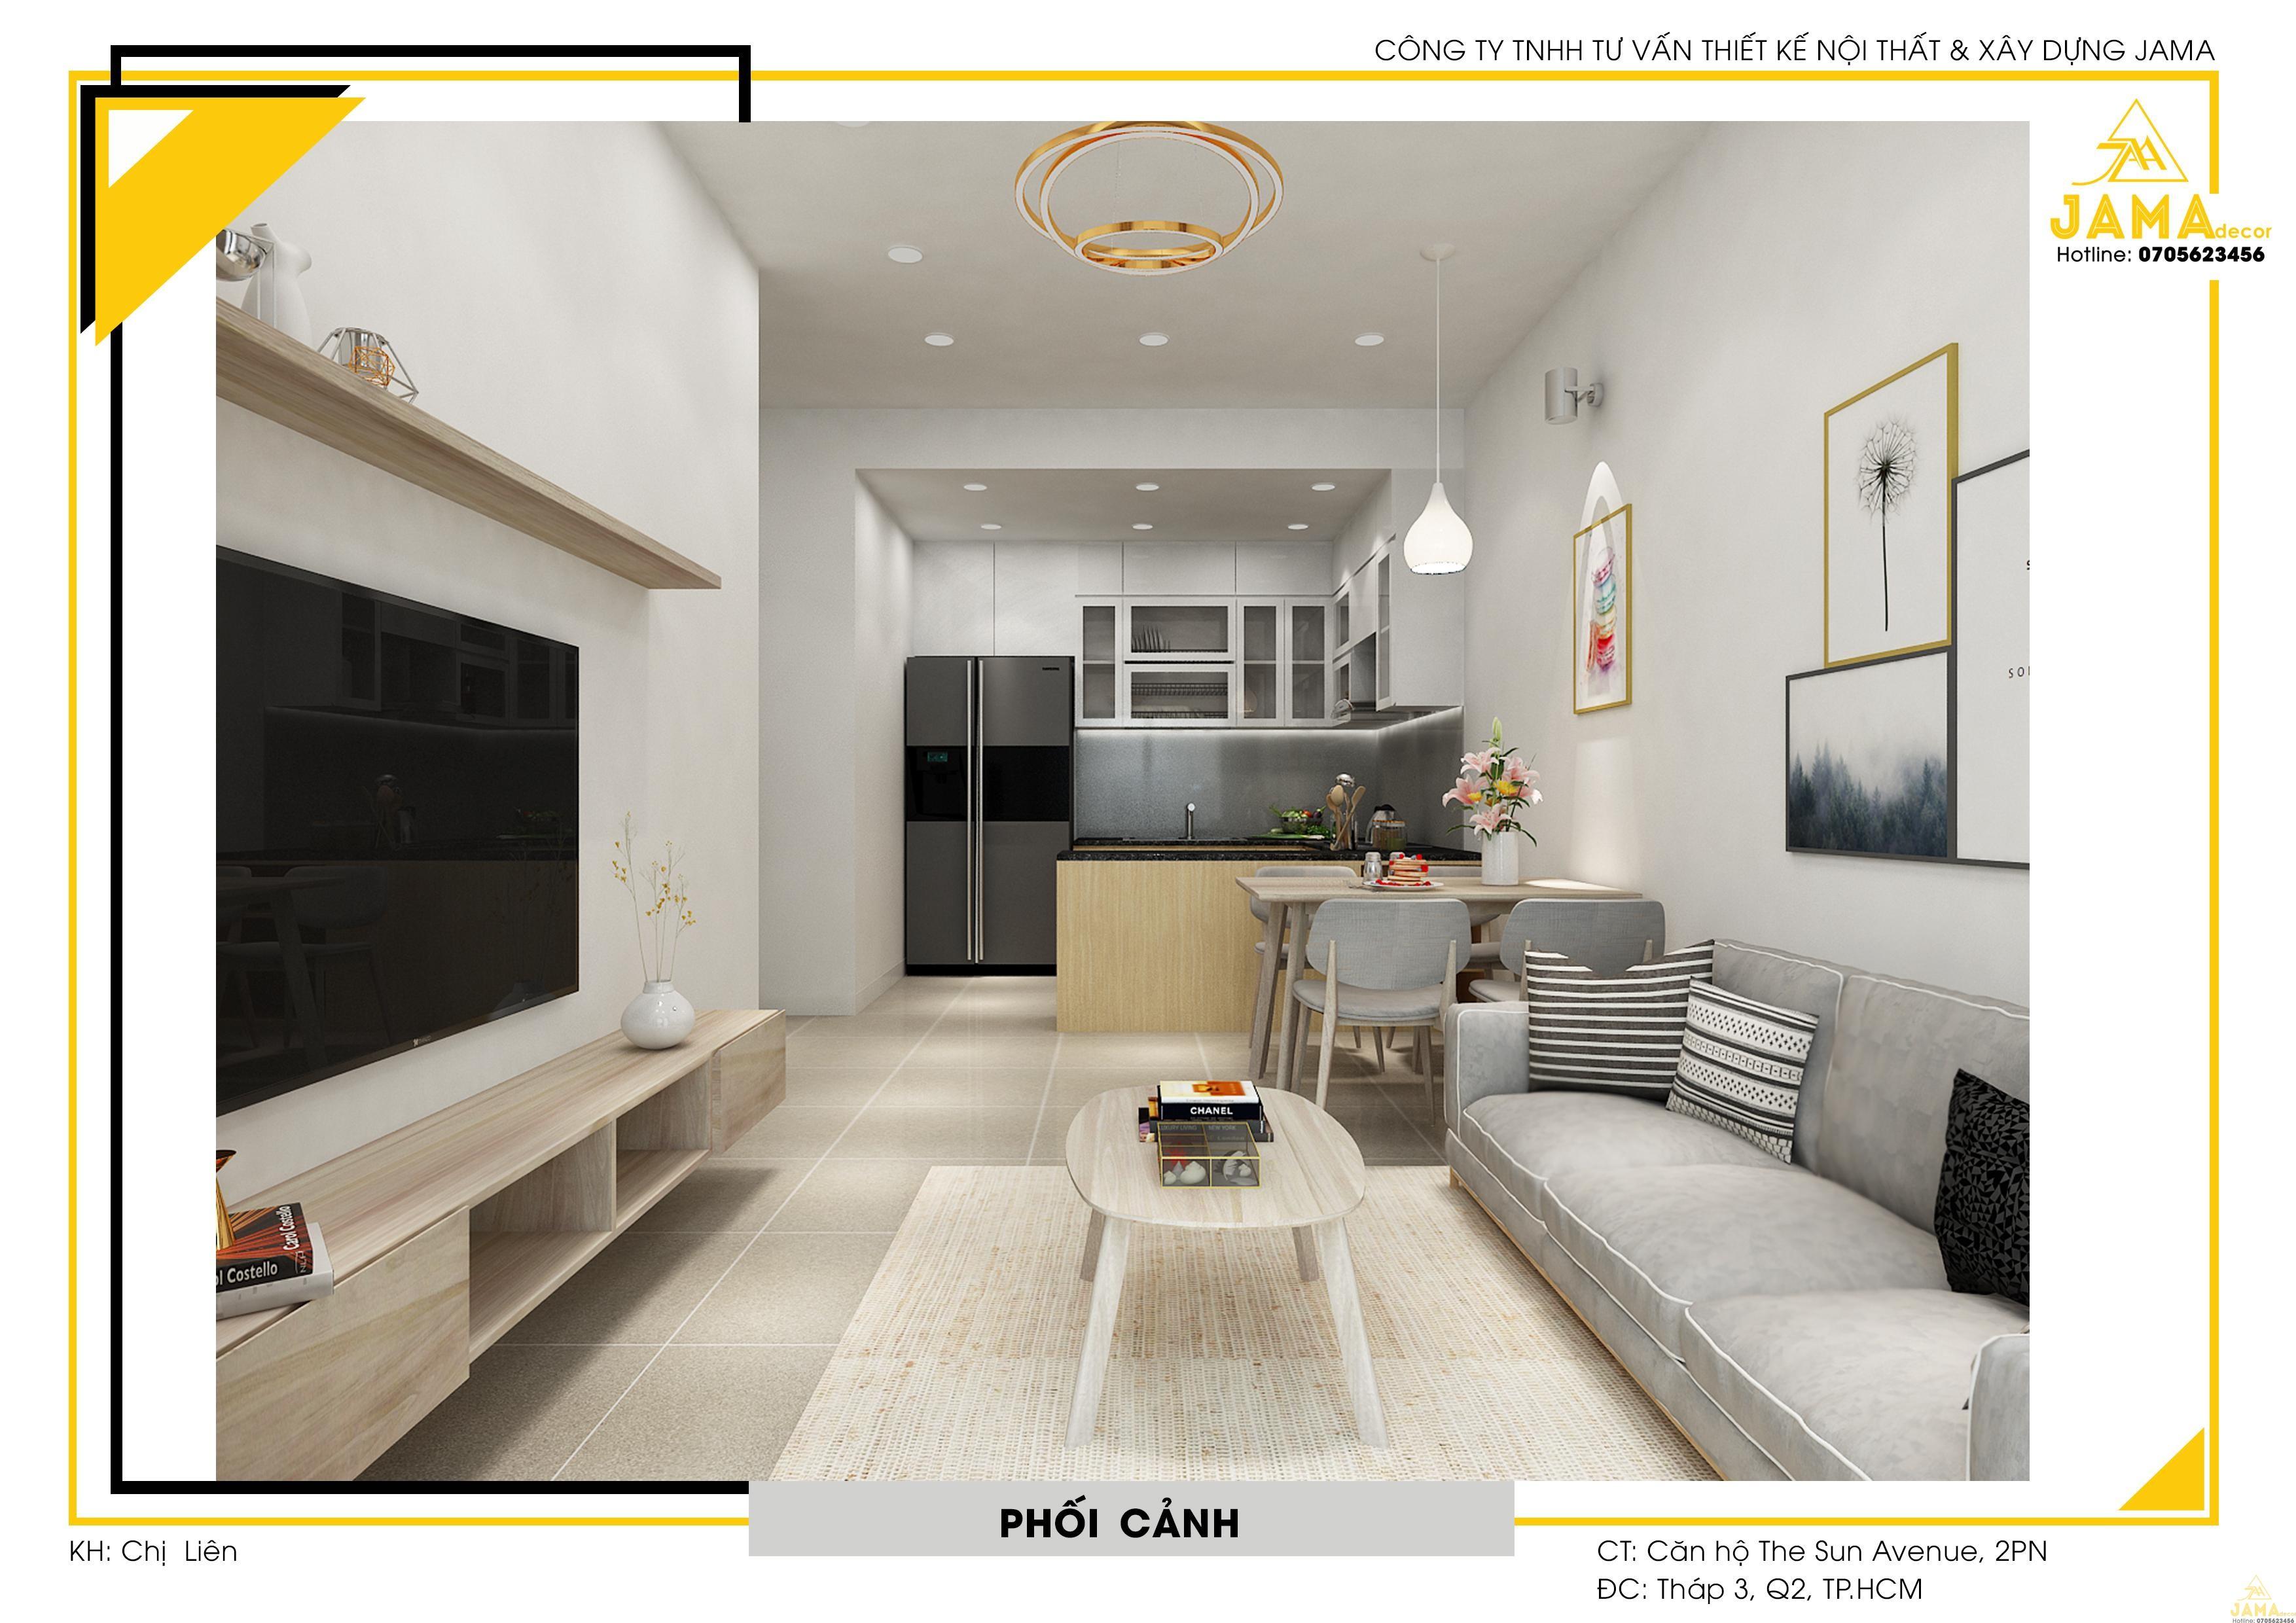 Thiết kế và bàn giao nội thất căn hộ The Sun Avenue Quận 2 - Chị Hoa Liên